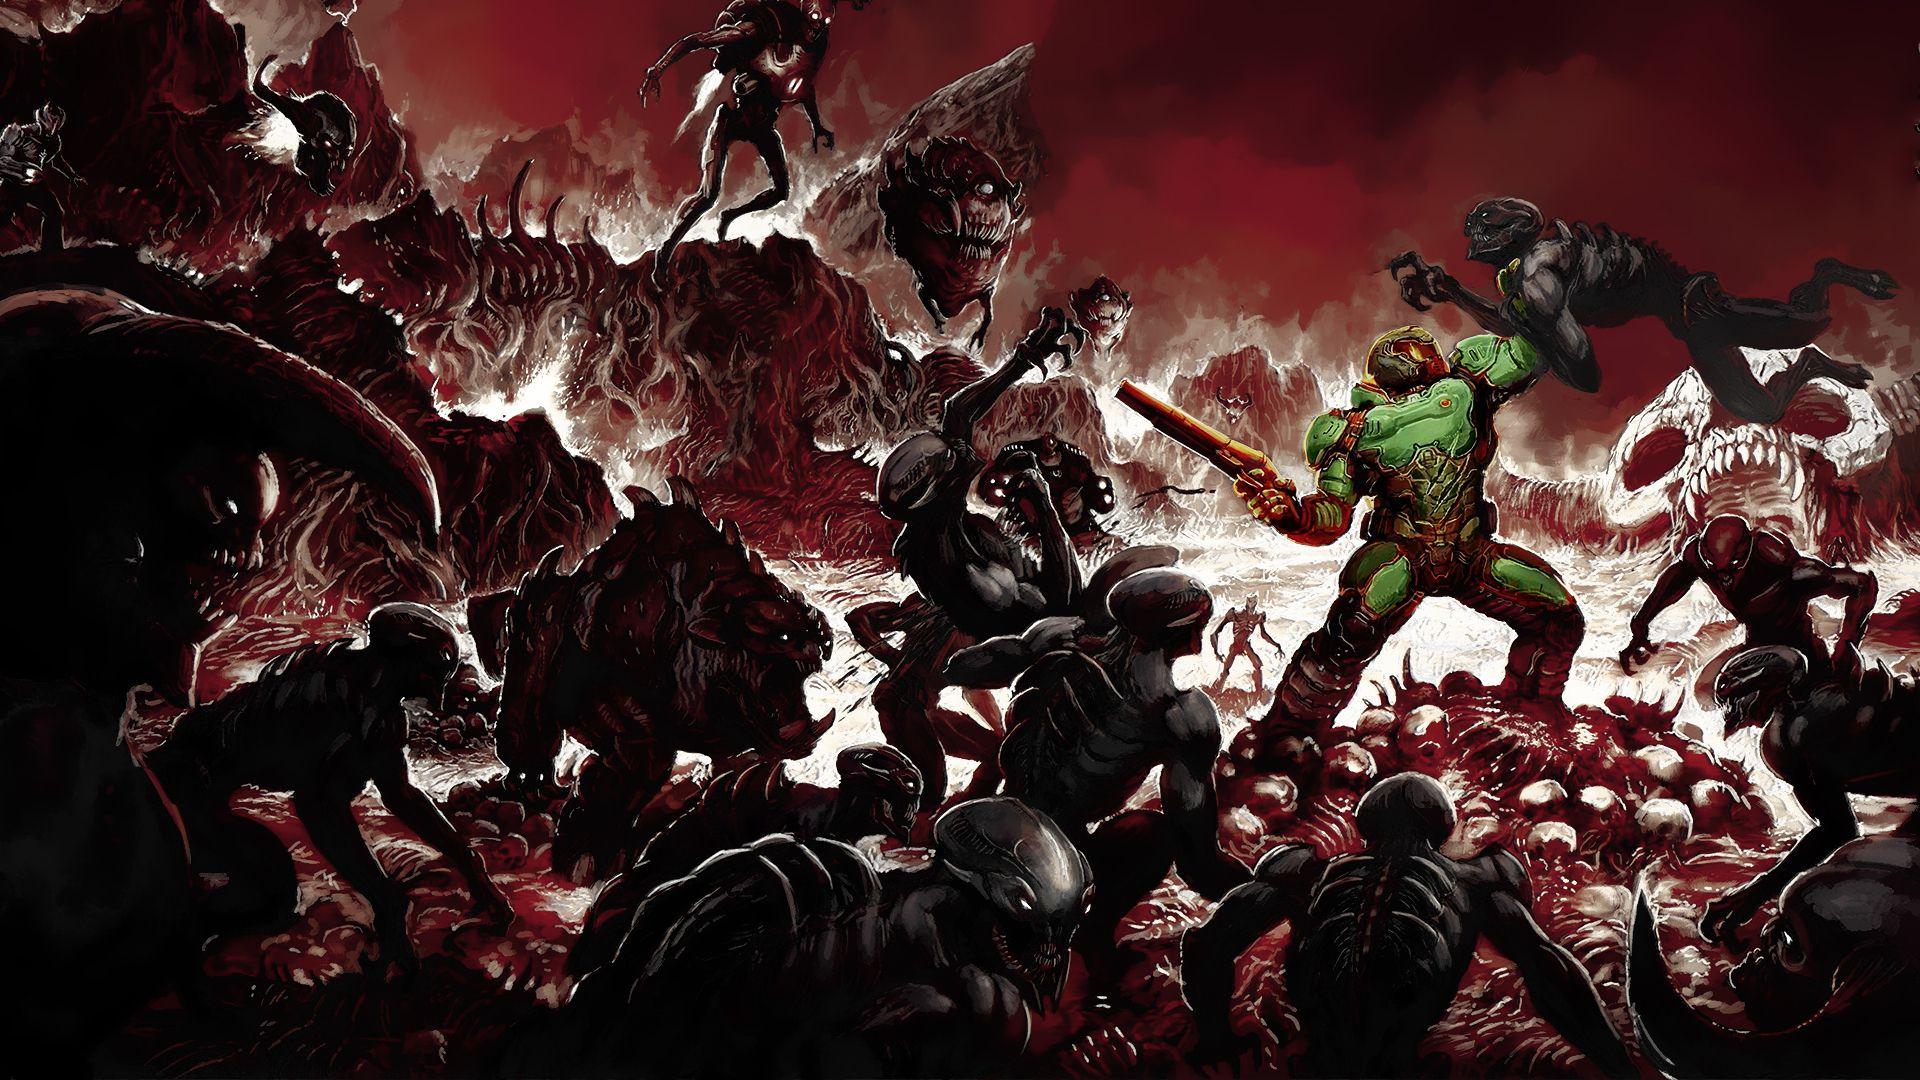 Doom-2016-Wallpaper-Full-HD